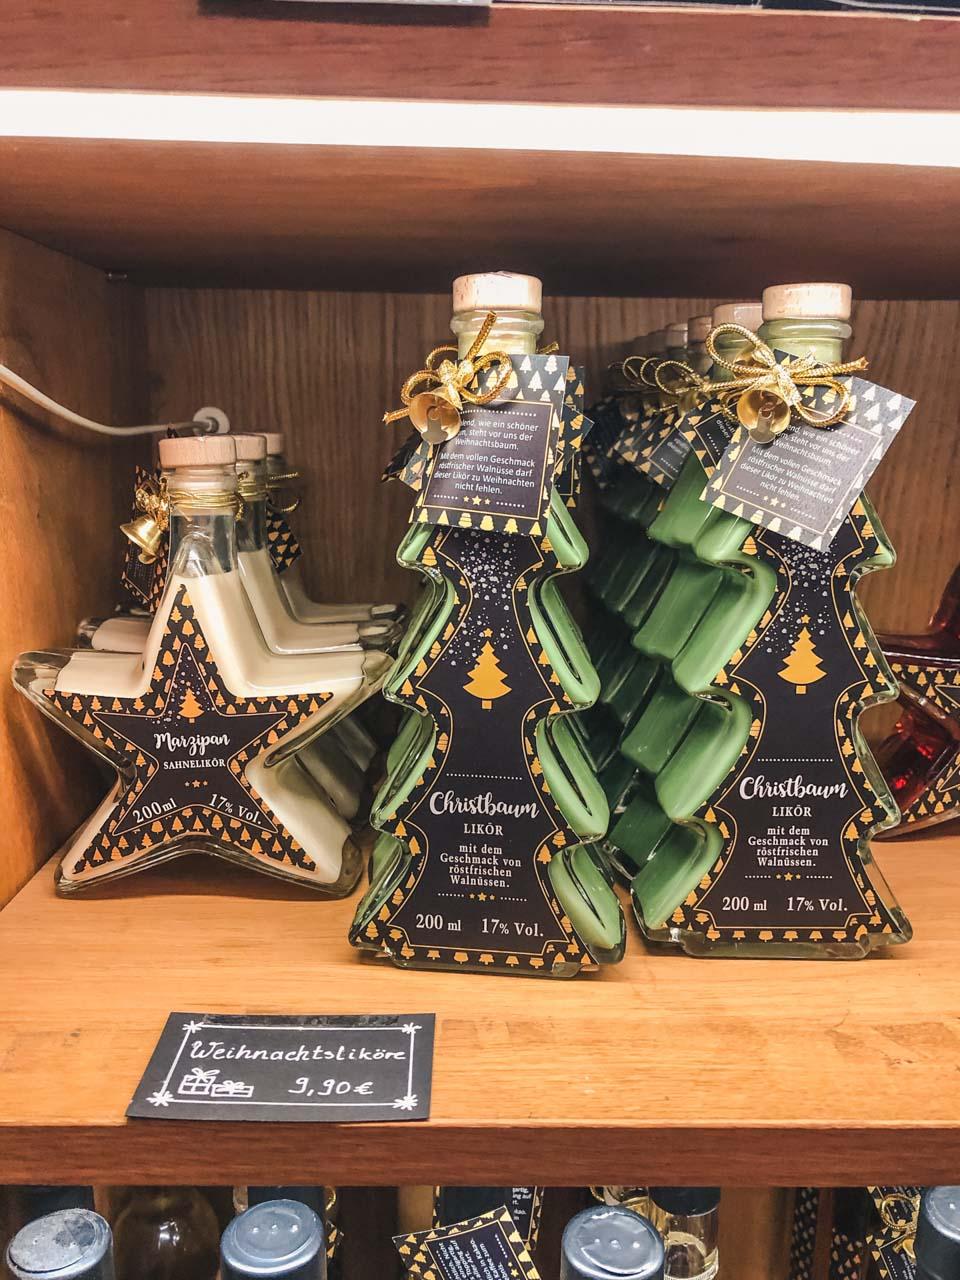 Christmas liquor in bottles in the shape of Christmas trees